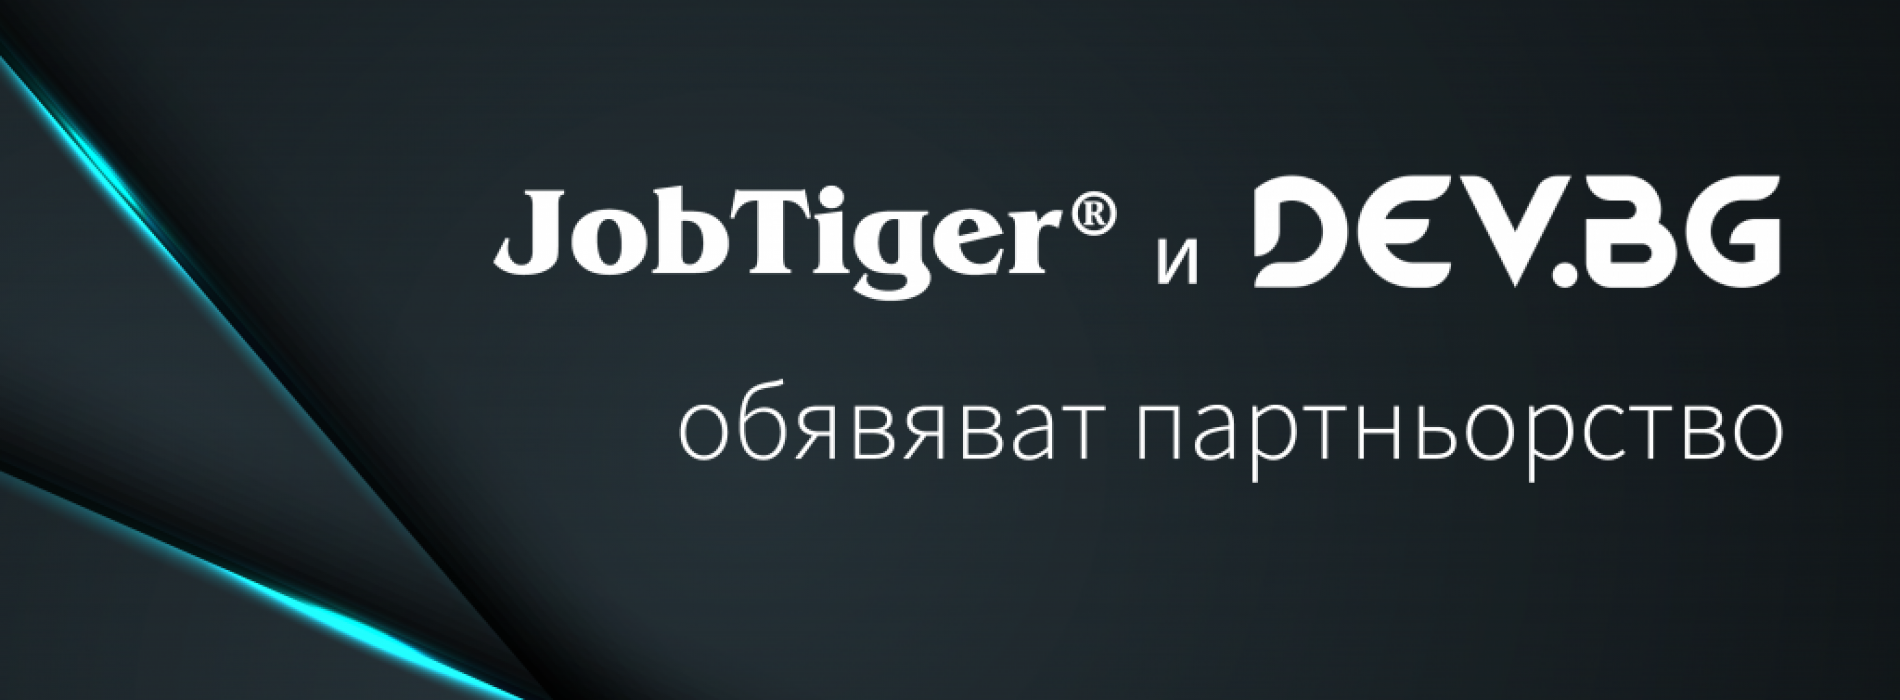 JobTiger си партнира с DEV.BG